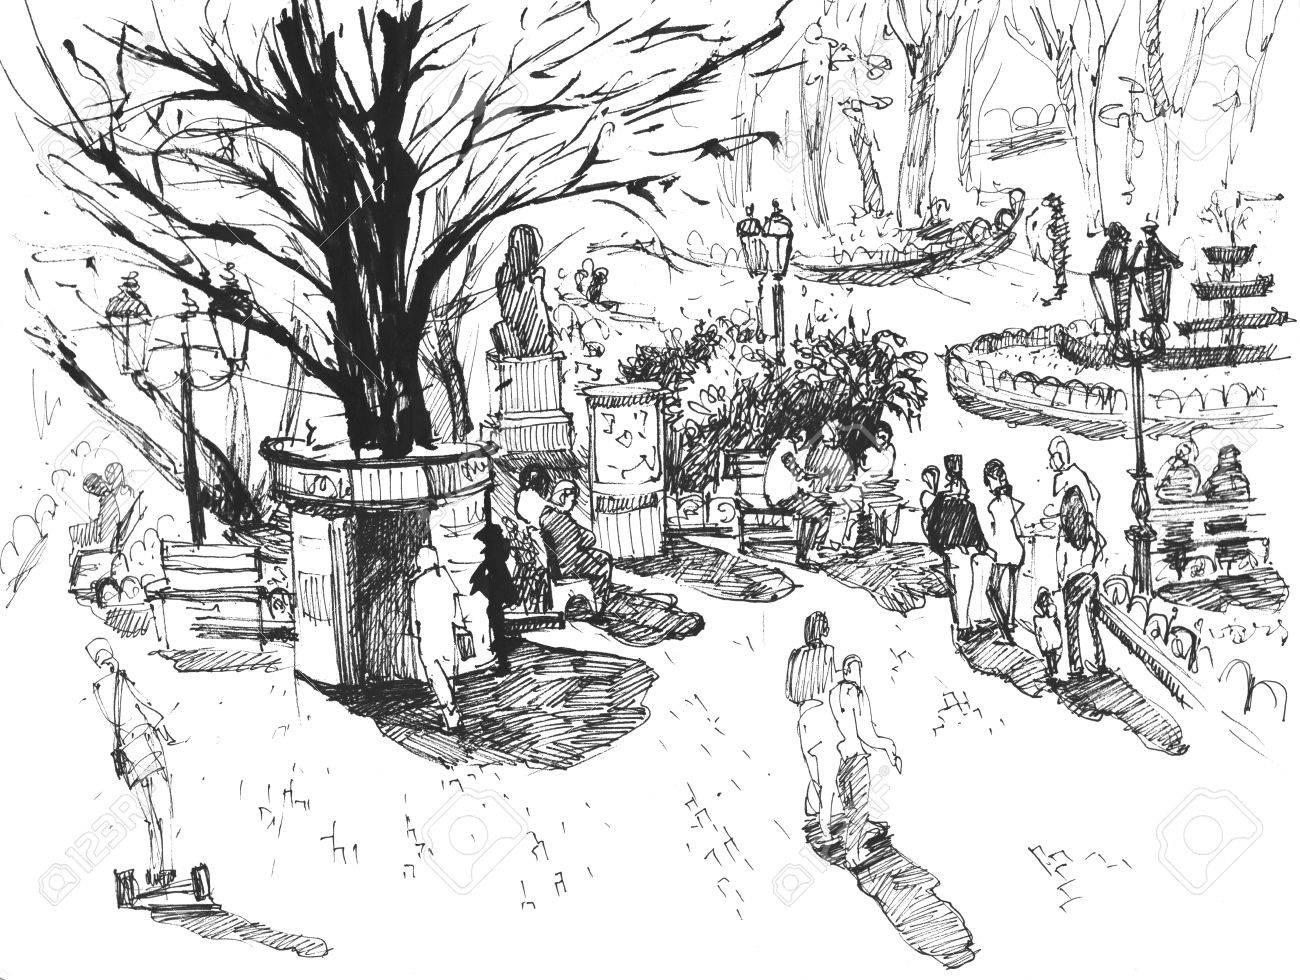 1300x980 Hand Drawnk Line Sketch European Town Odessa, Ukraine